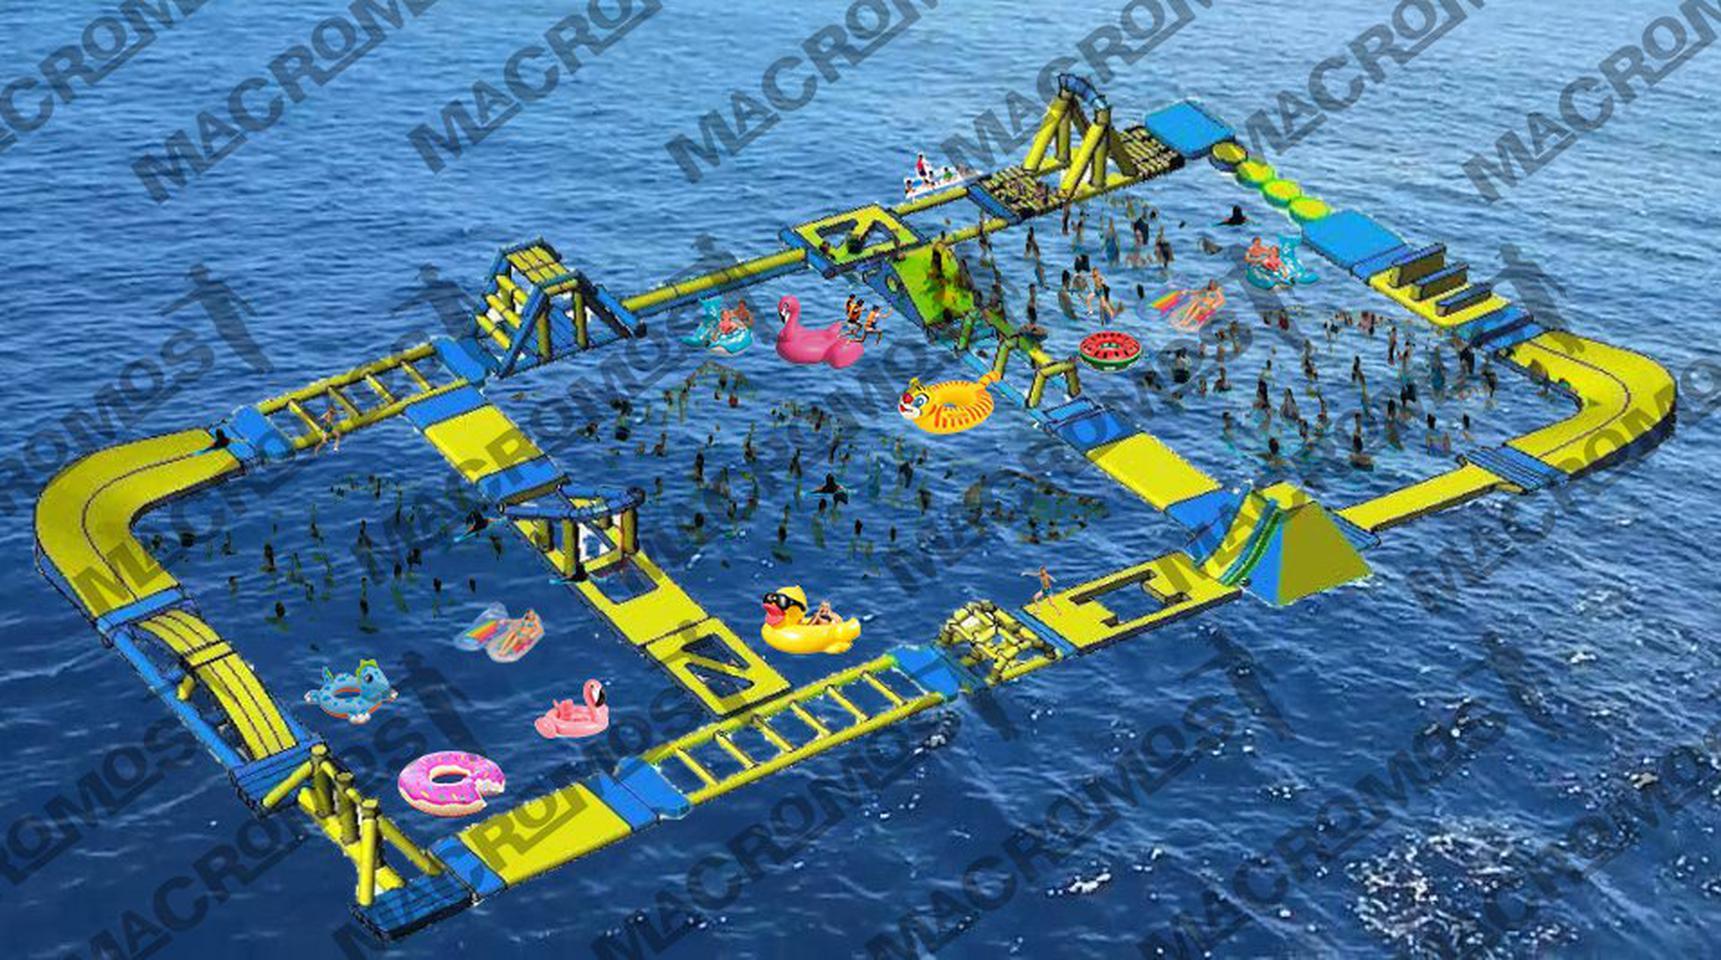 เครื่องเล่นสวนน้ำ obstacle game 40X20M เครื่องเล่นสวนน้ำ อุปสรรค 40X20M รูปที่ 2